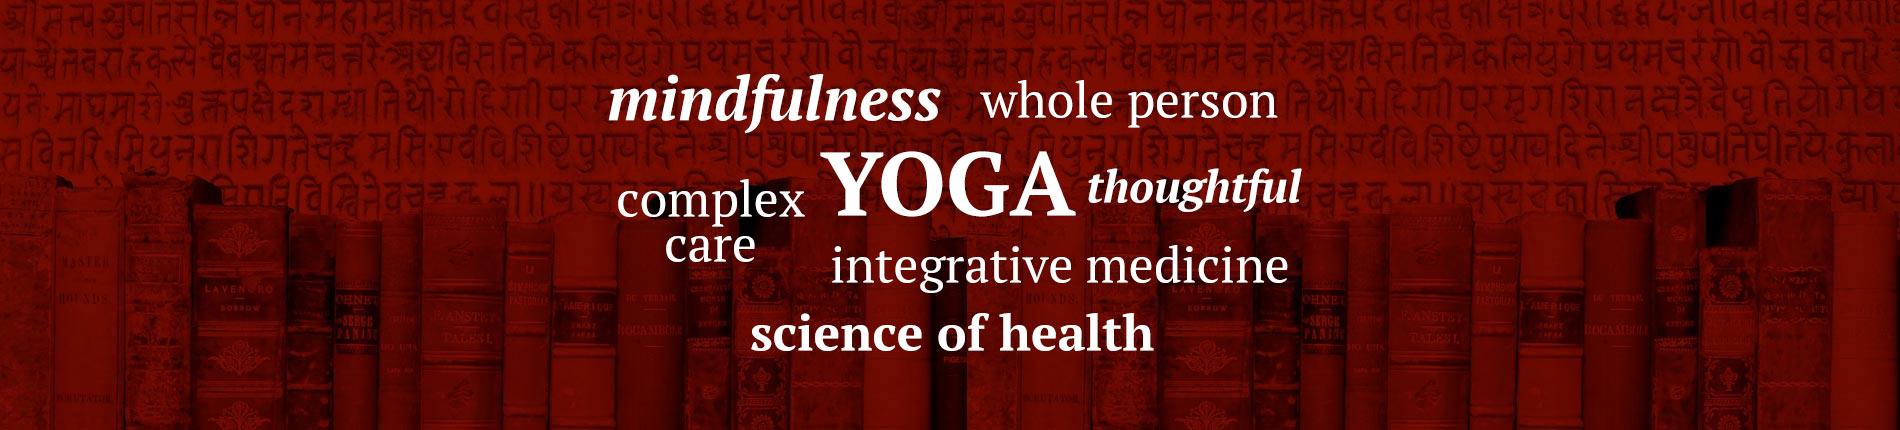 smart safe yoga